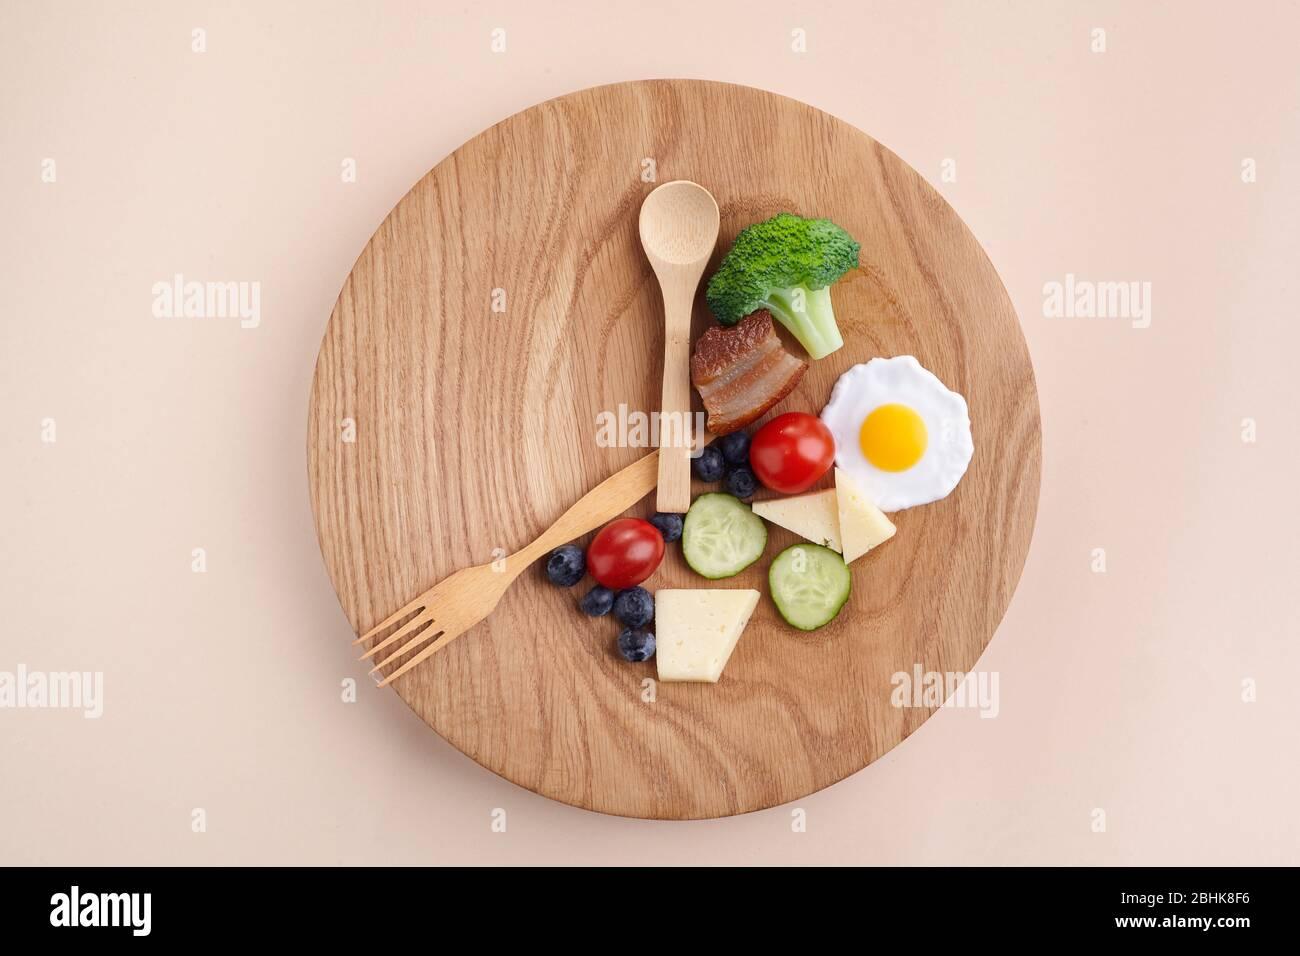 Intermittierendes Fasten. Gesundes Frühstück, Diät-Konzept. Bio-Menü. Fat Loss Konzept. Gewichtsverlust. Stockfoto